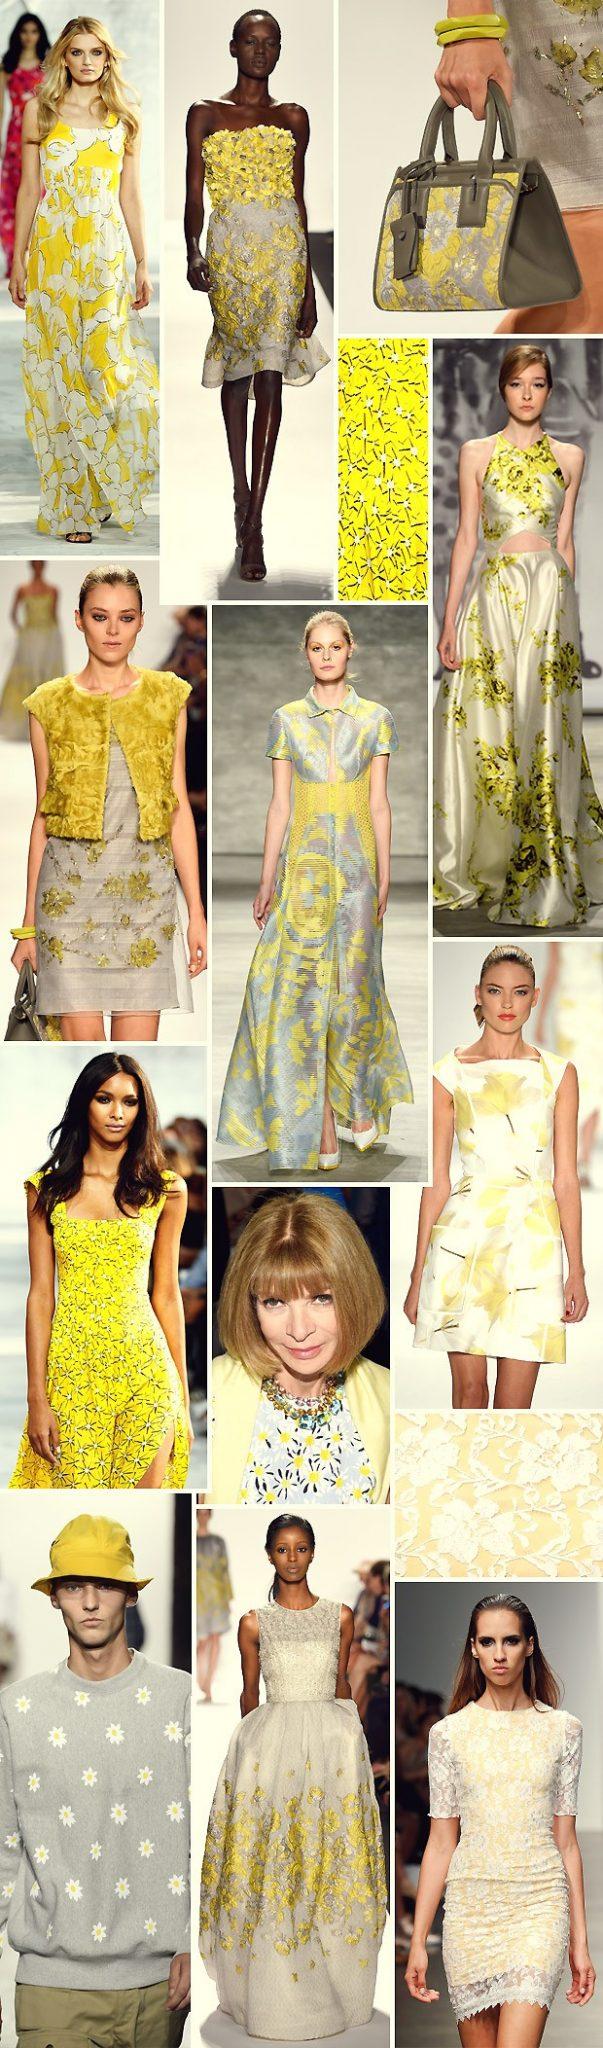 modelos de roupas com estampas de flores amarelas